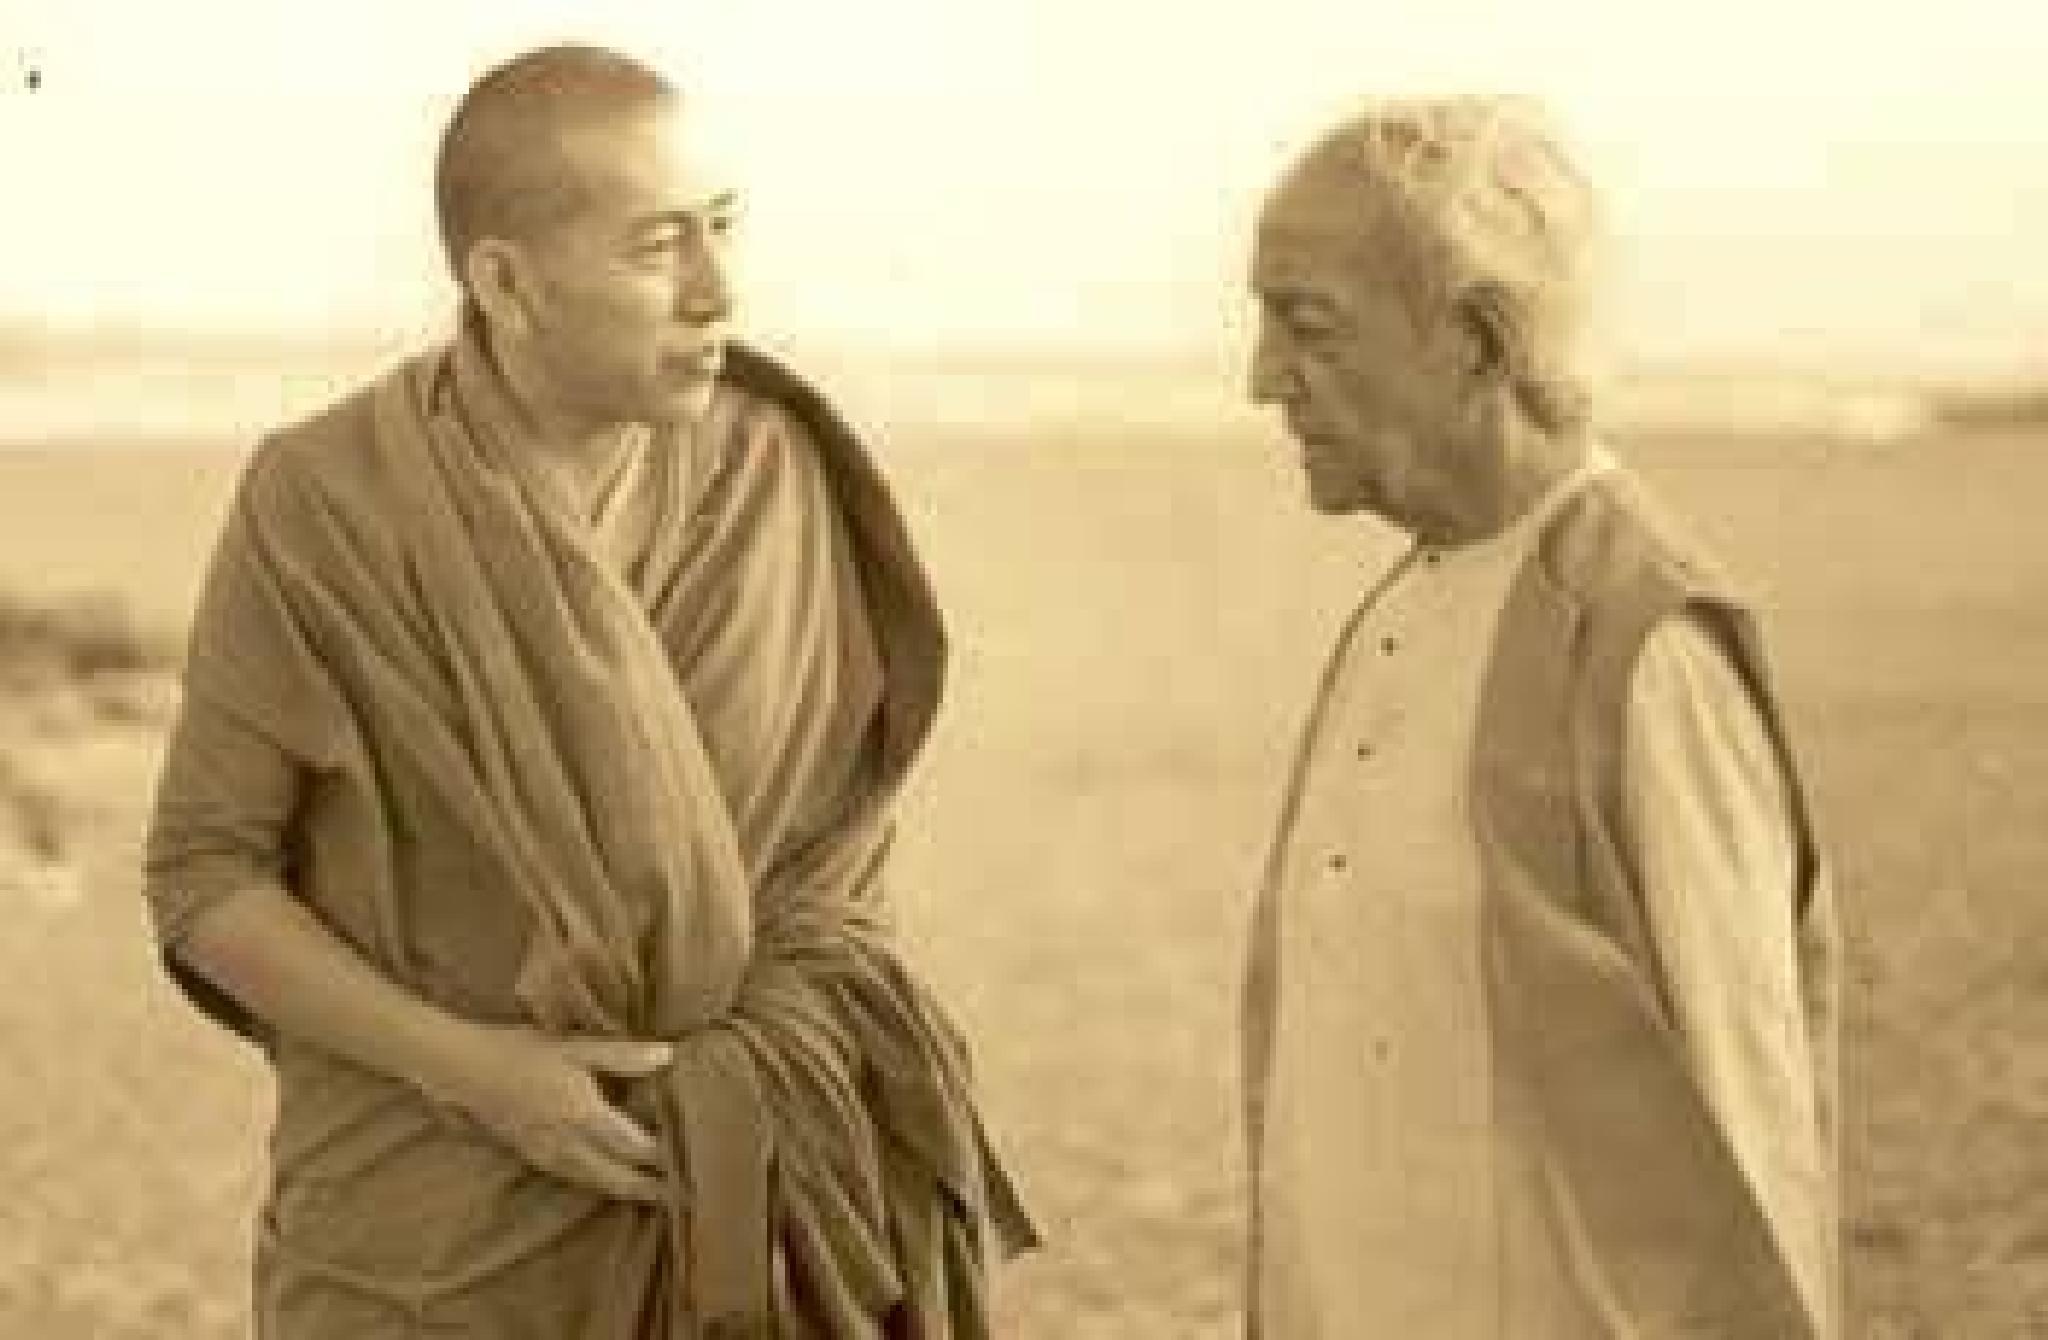 Untitled by siddharta.gautama.9235